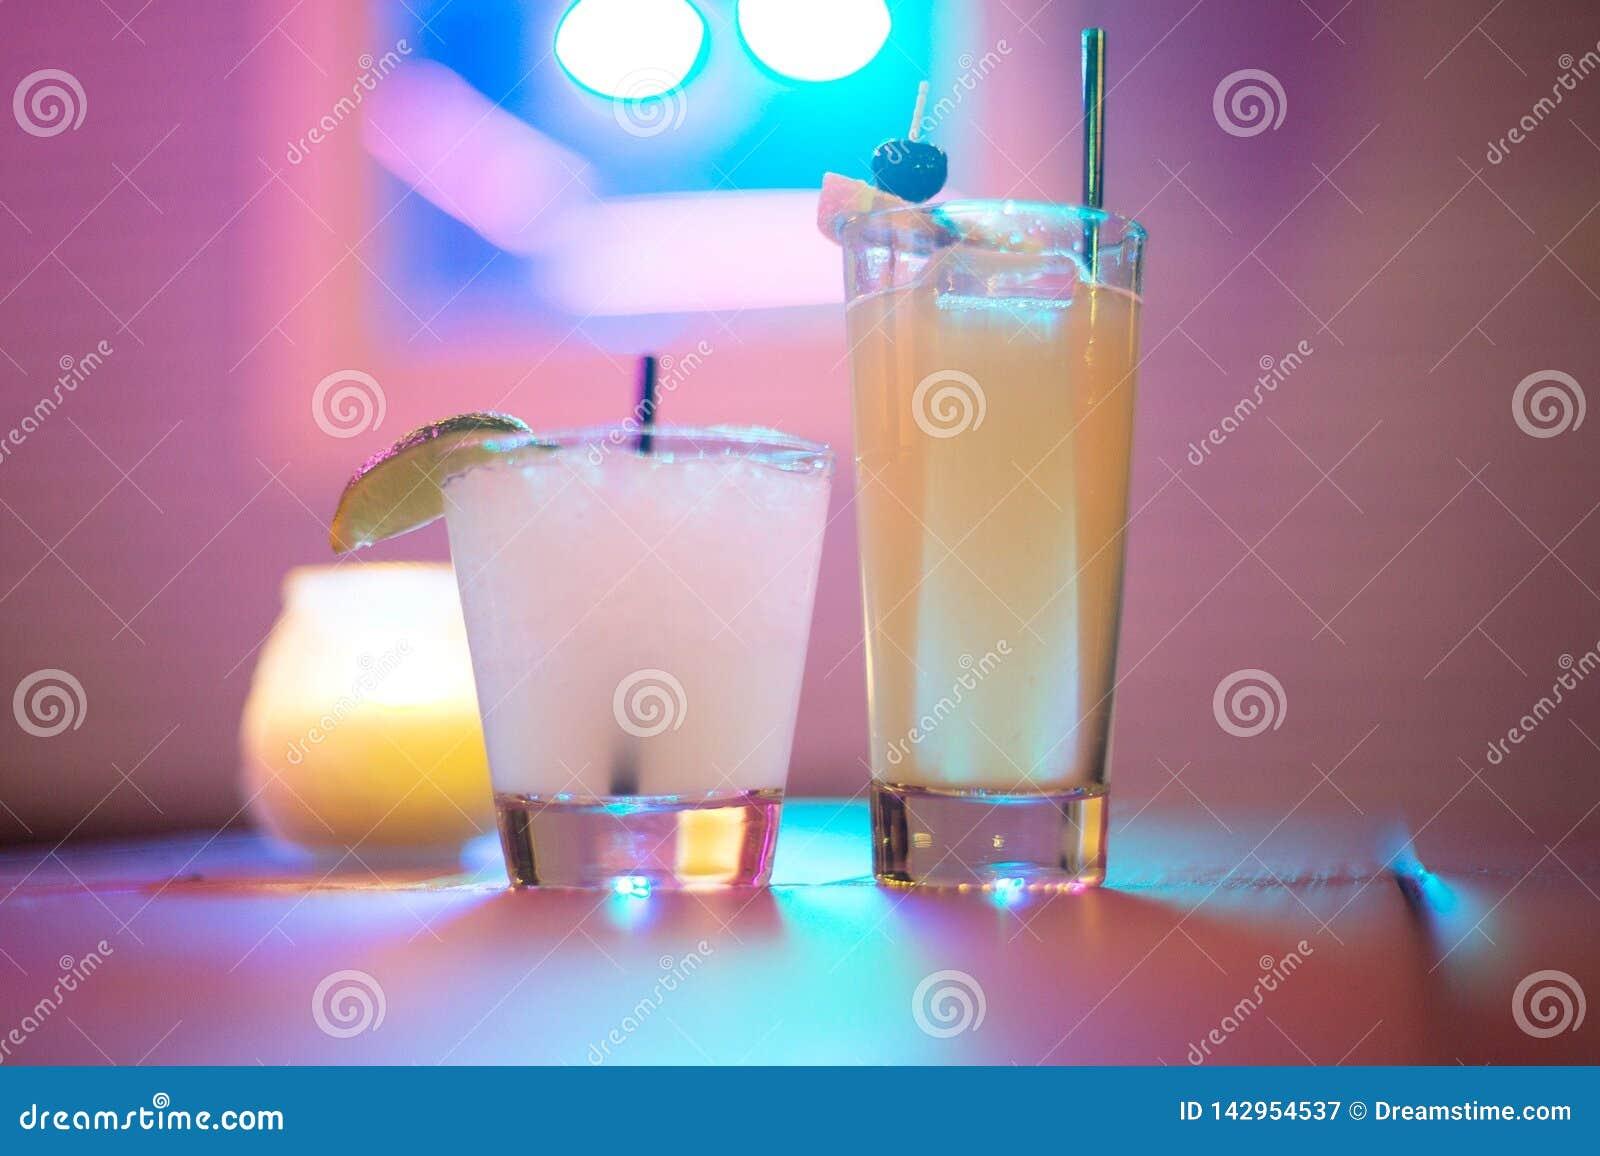 Trinken in den Neonlichtern